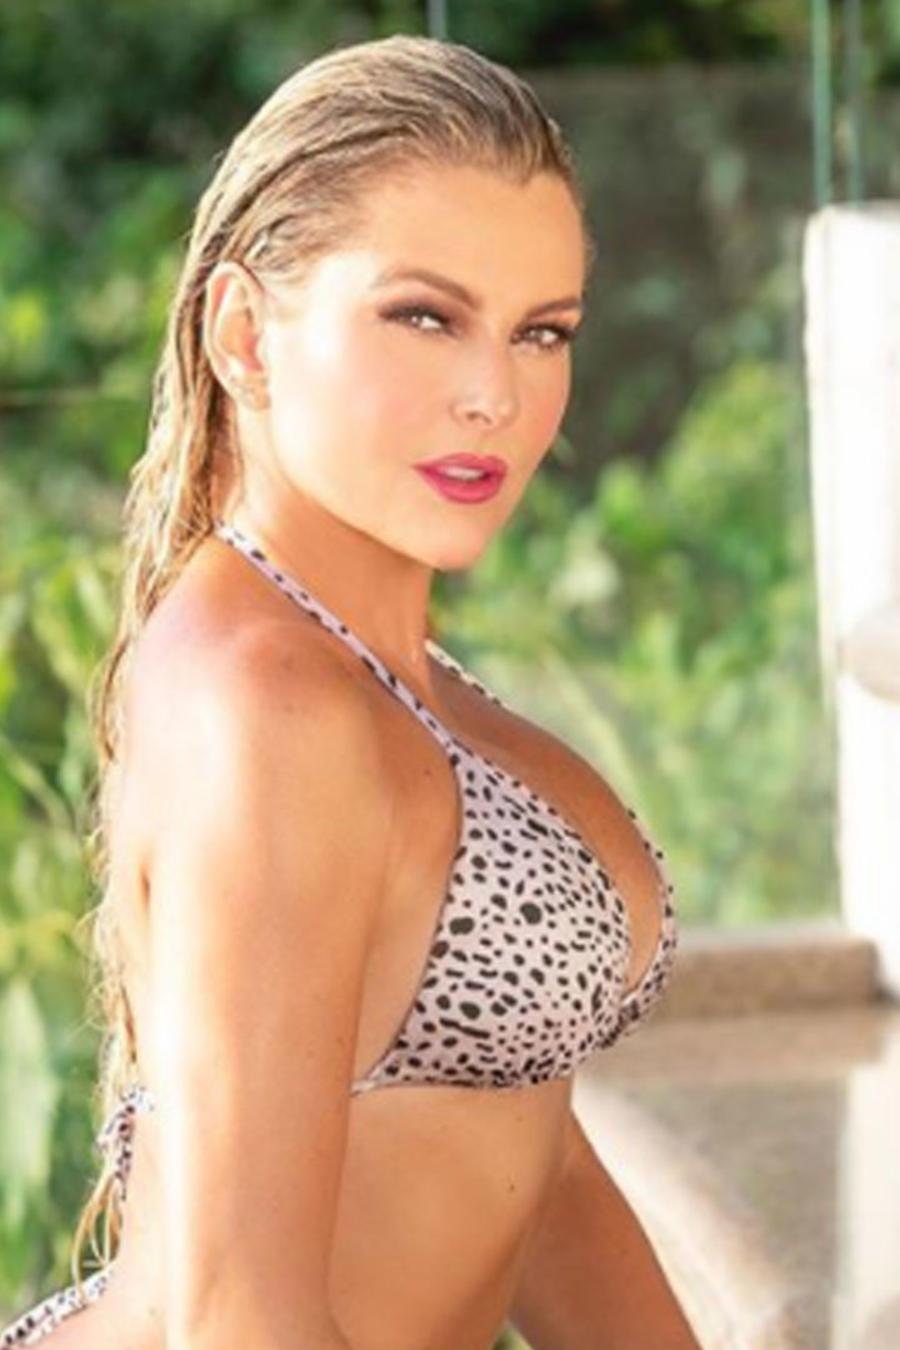 Marjorie de Sousa posando en bikini